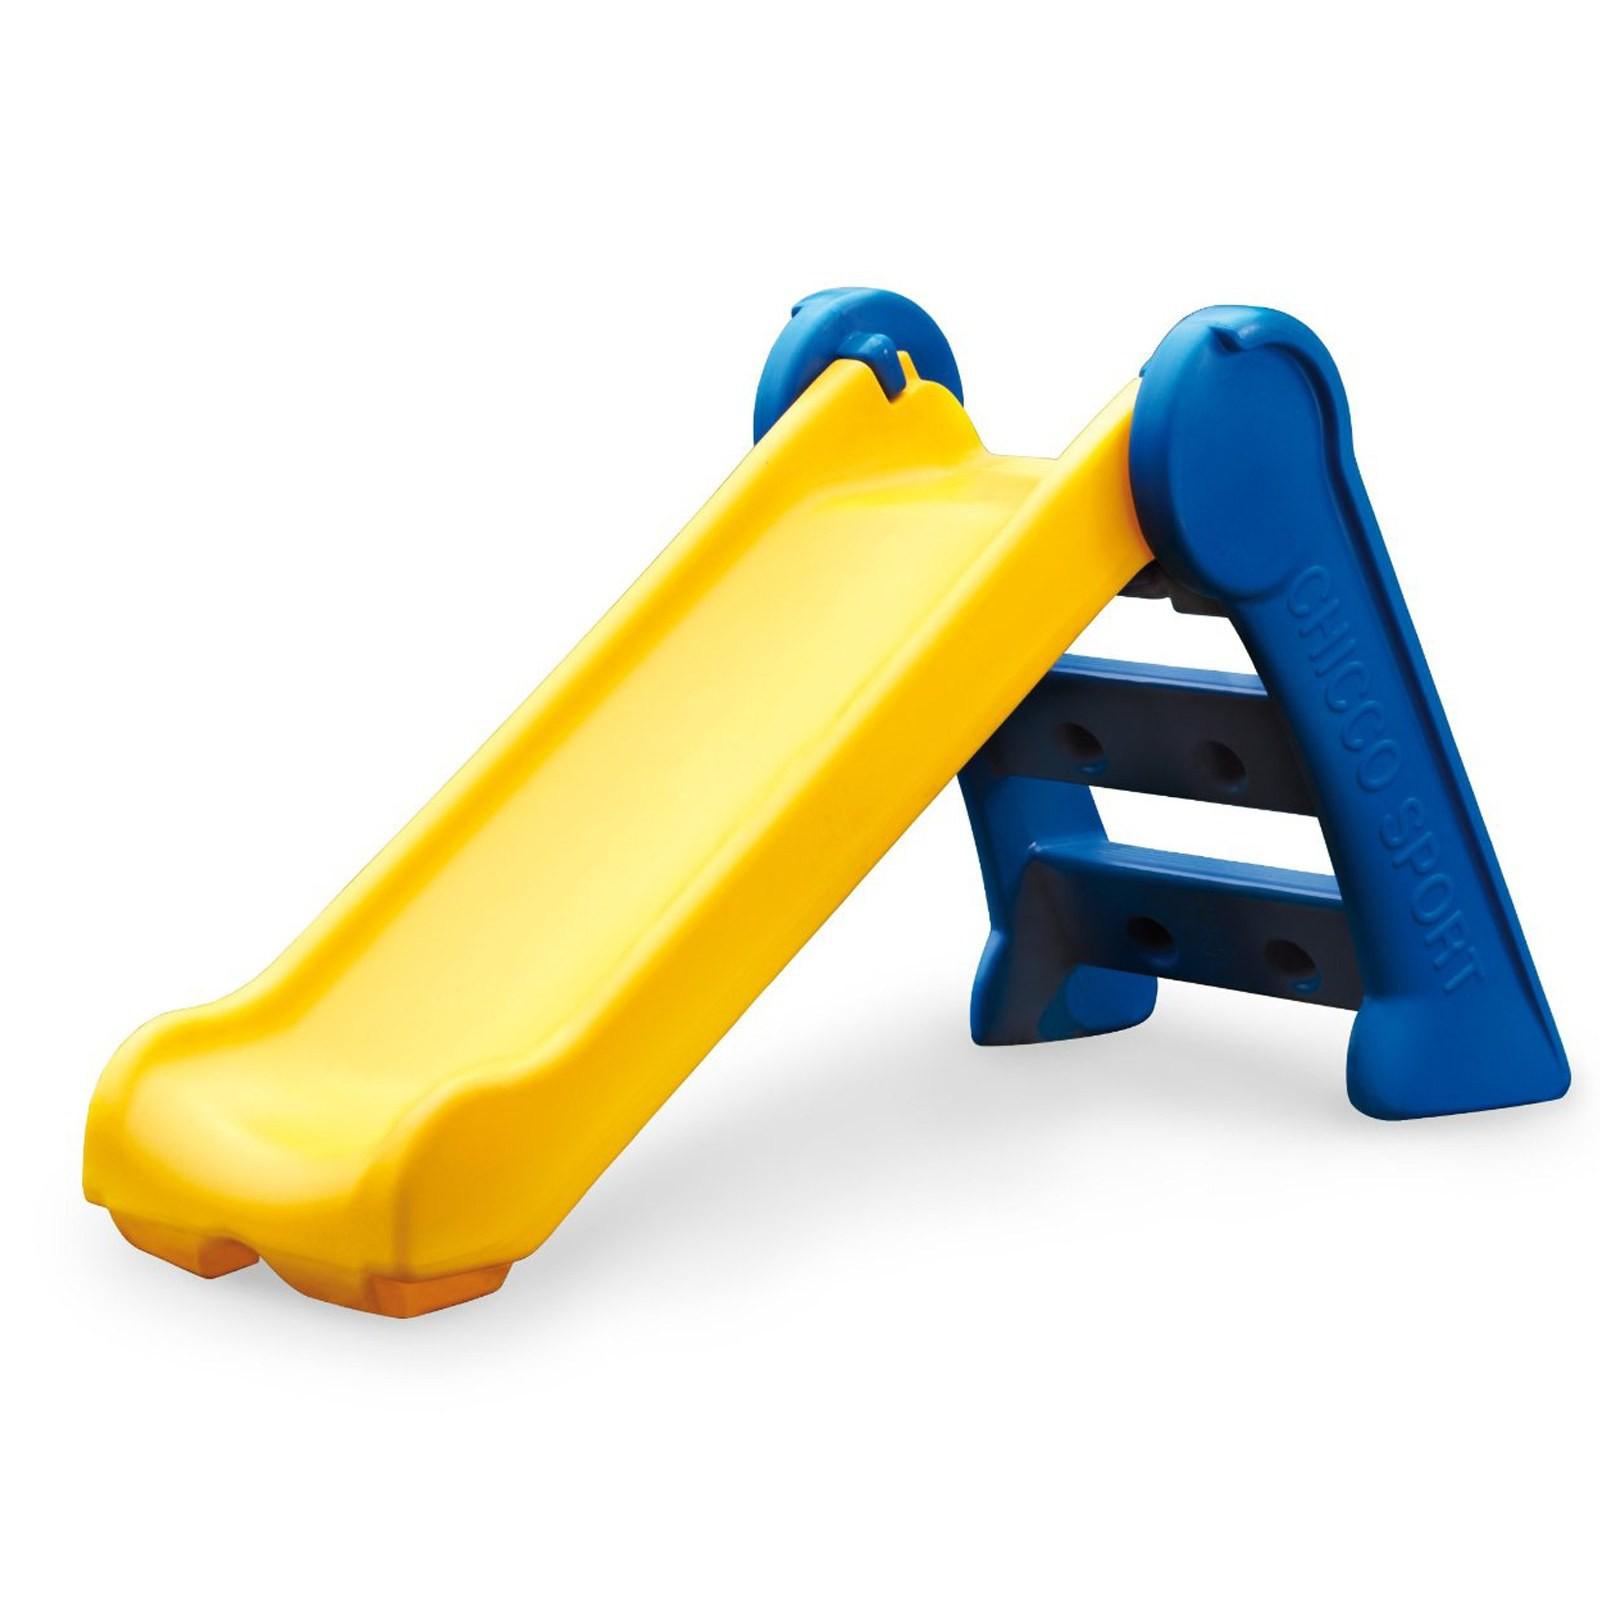 Scivolo pieghevole gioco per bambini da esterno chicco for Scivolo per bambini ikea